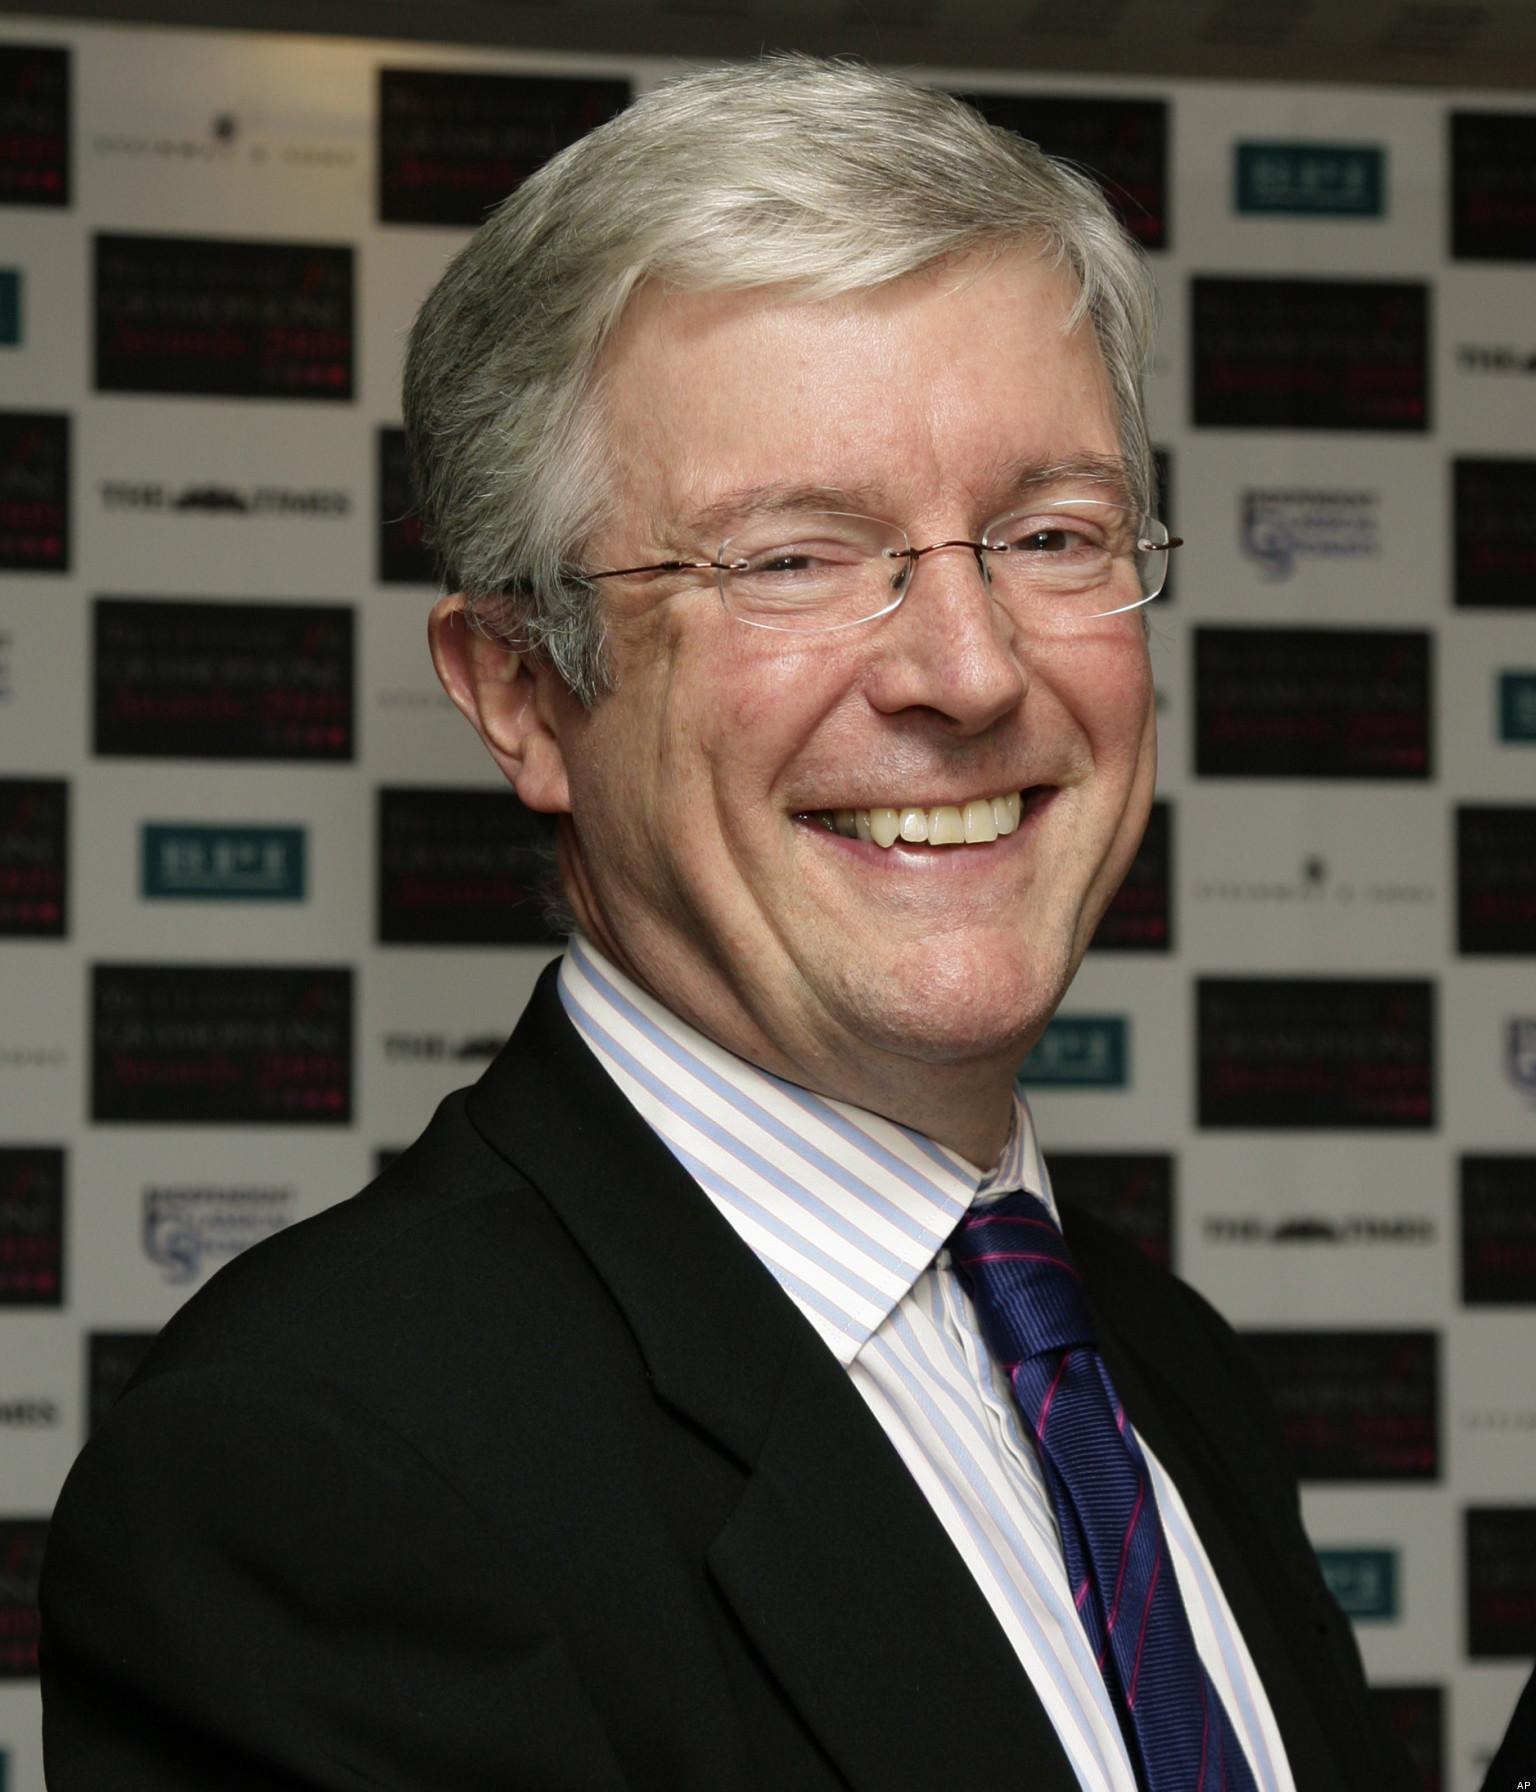 Тони Холл, генеральный директор BBC. Источник: Daily Record.